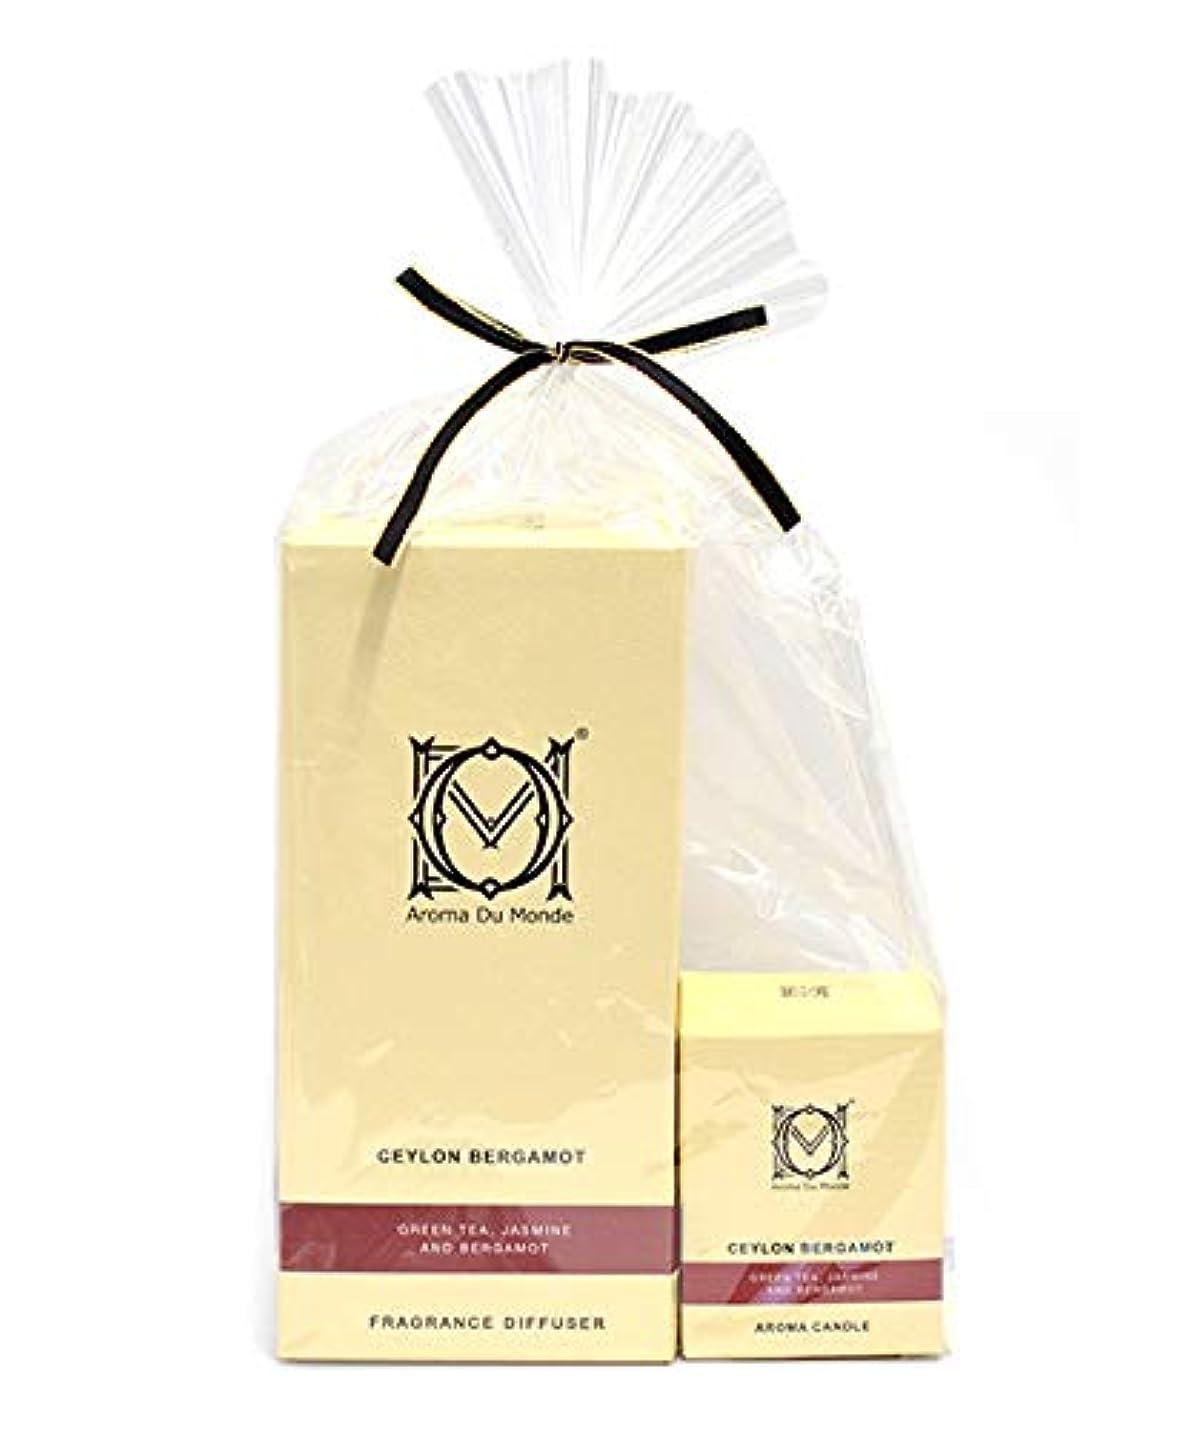 保存する有効化ムスタチオフレグランスディフューザー&キャンドル セイロンベルガモット セット Aroma Du Monde/ADM Fragrance Diffuser & Candle Ceylon Bergamot Set 81156